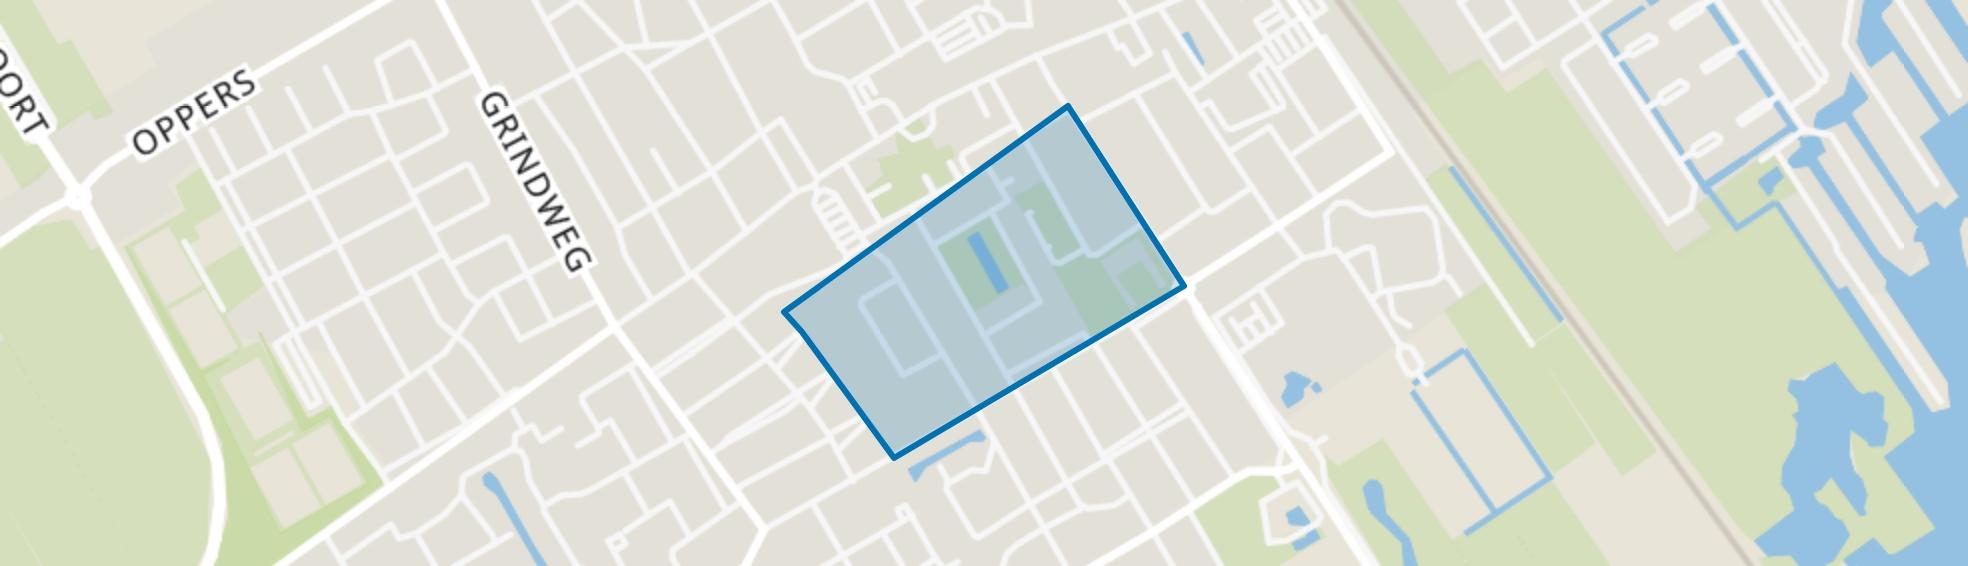 Wolvega-Lindenoord, Wolvega map